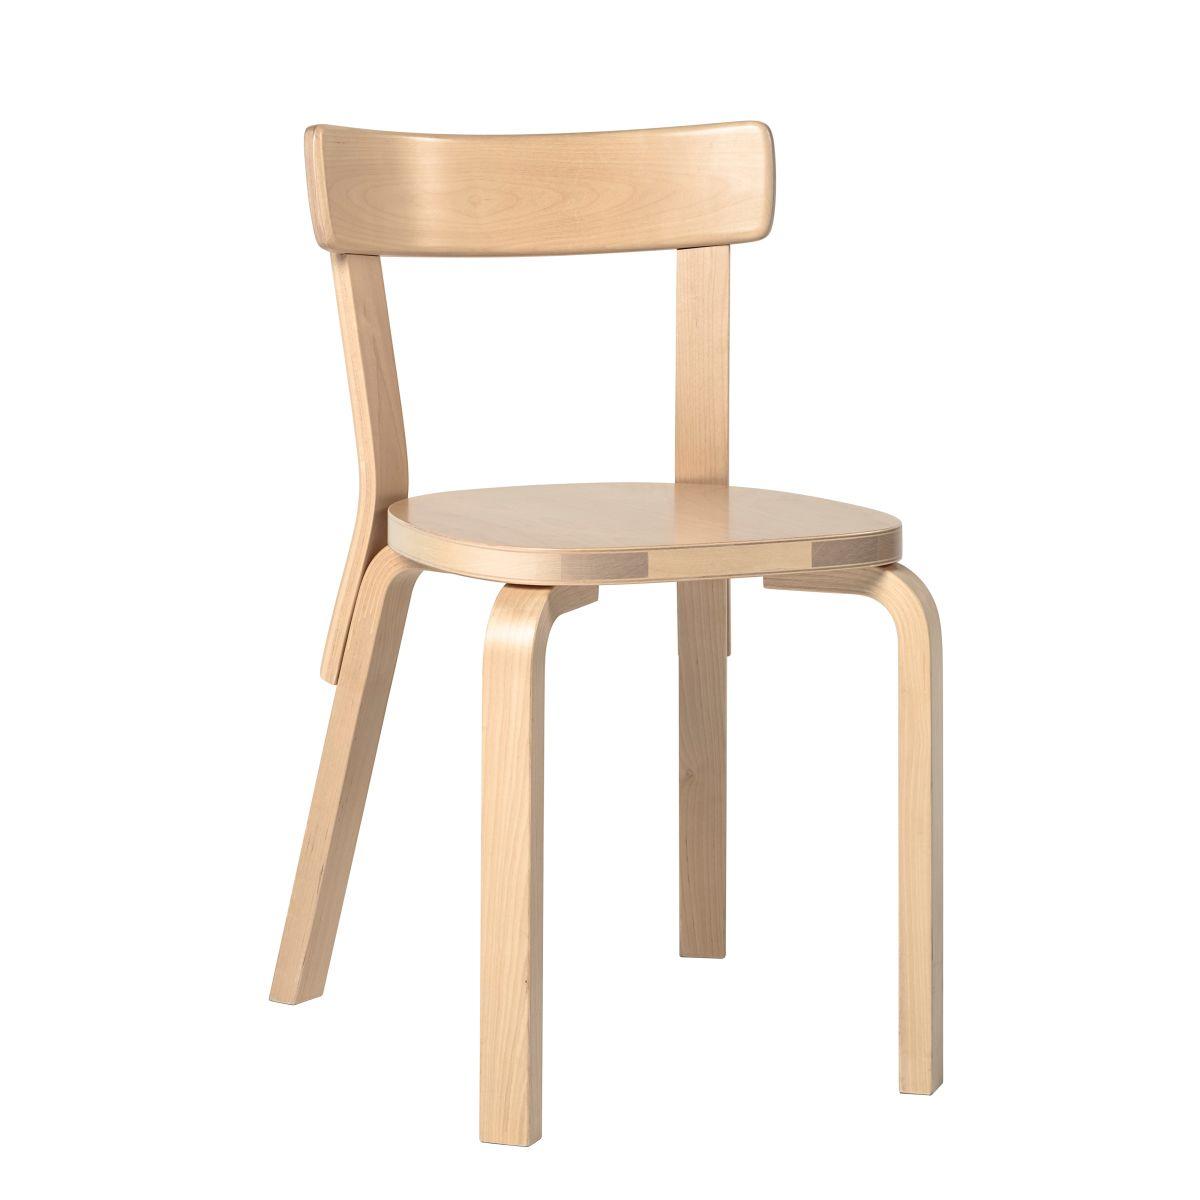 Chair 69 birch